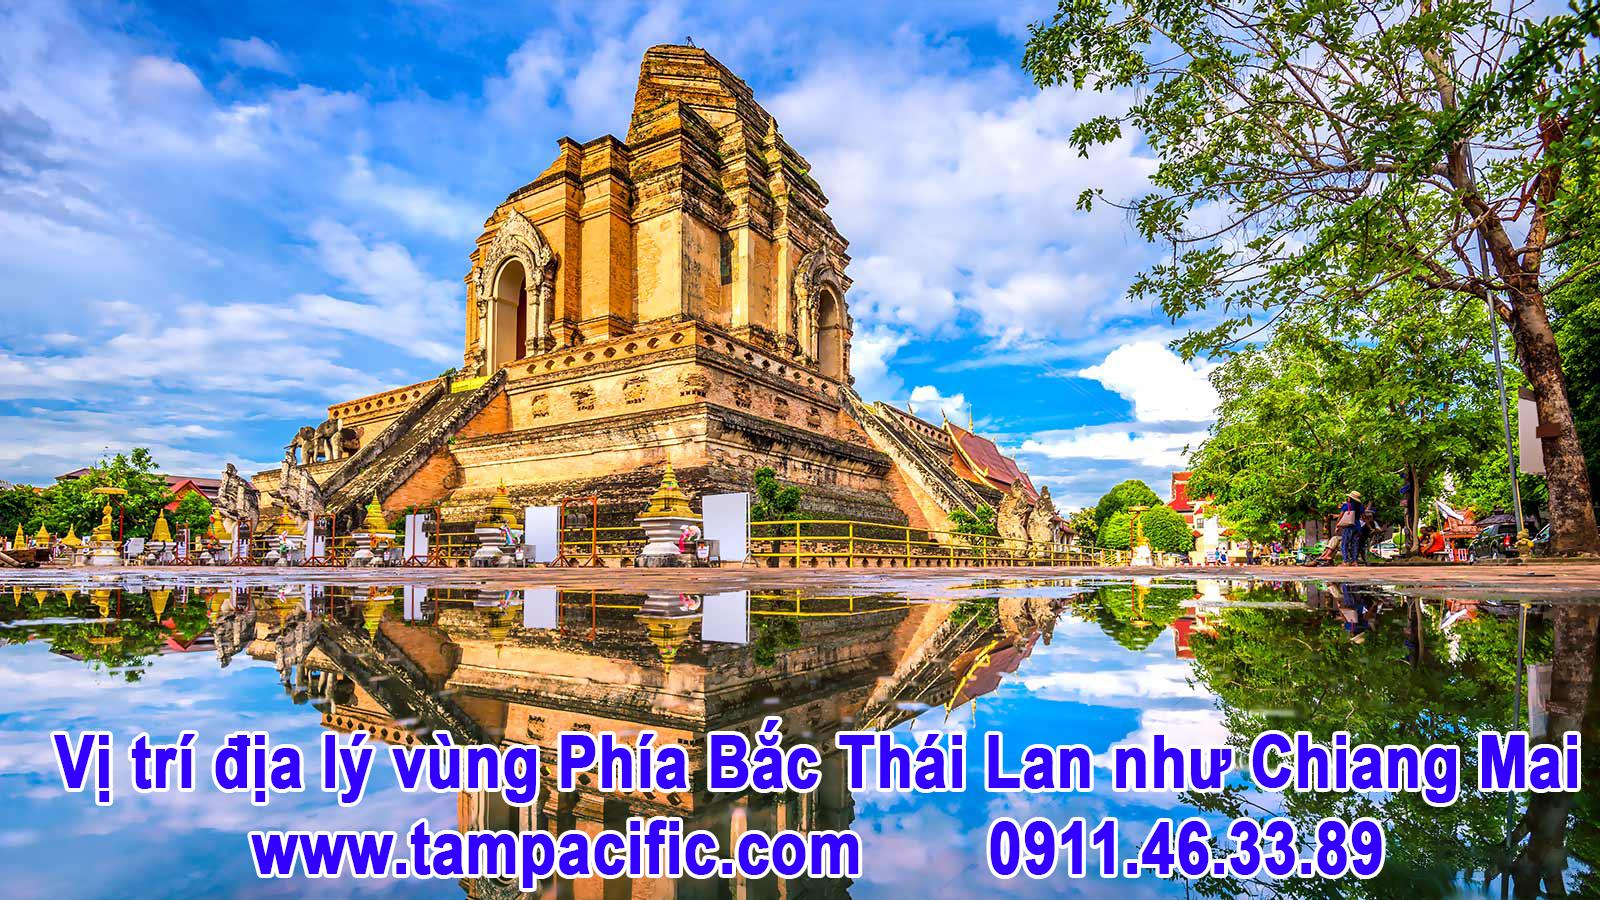 Vị trí địa lý vùng Phía Bắc Thái Lan như Chiang Mai